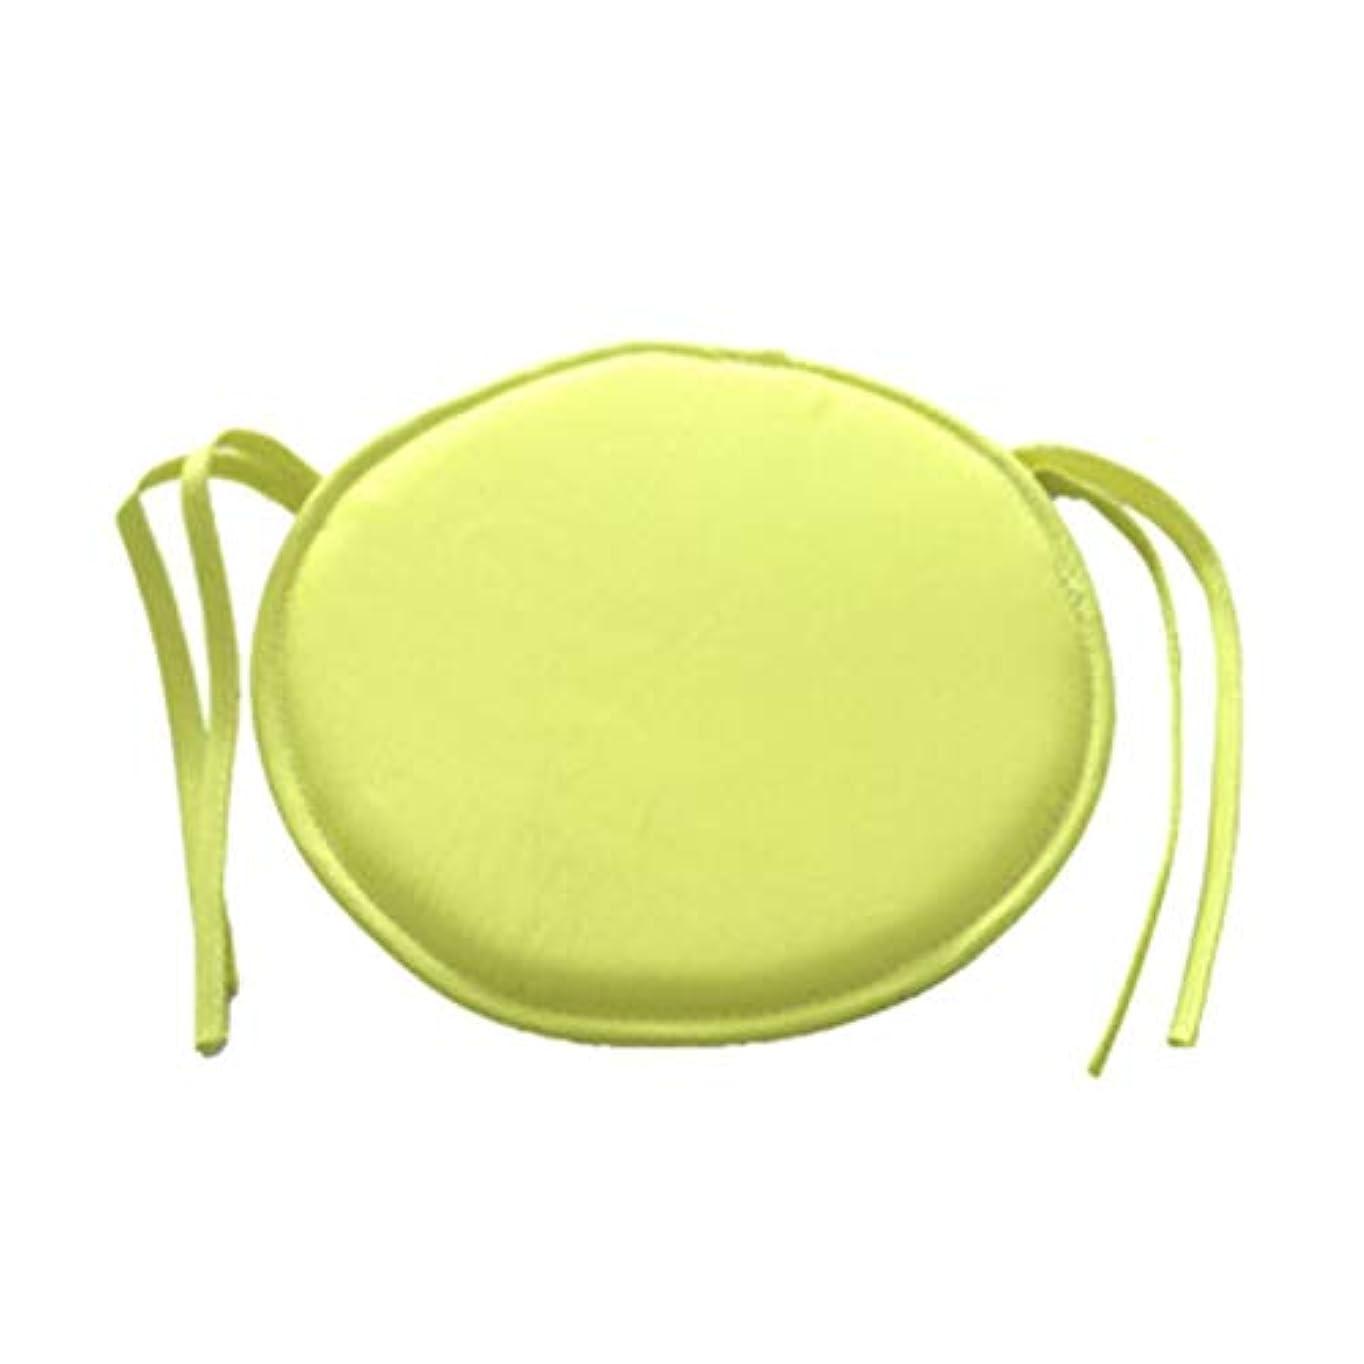 ヘロイン叫ぶコンクリートLIFE ホット販売ラウンドチェアクッション屋内ポップパティオオフィスチェアシートパッドネクタイスクエアガーデンキッチンダイニングクッション クッション 椅子